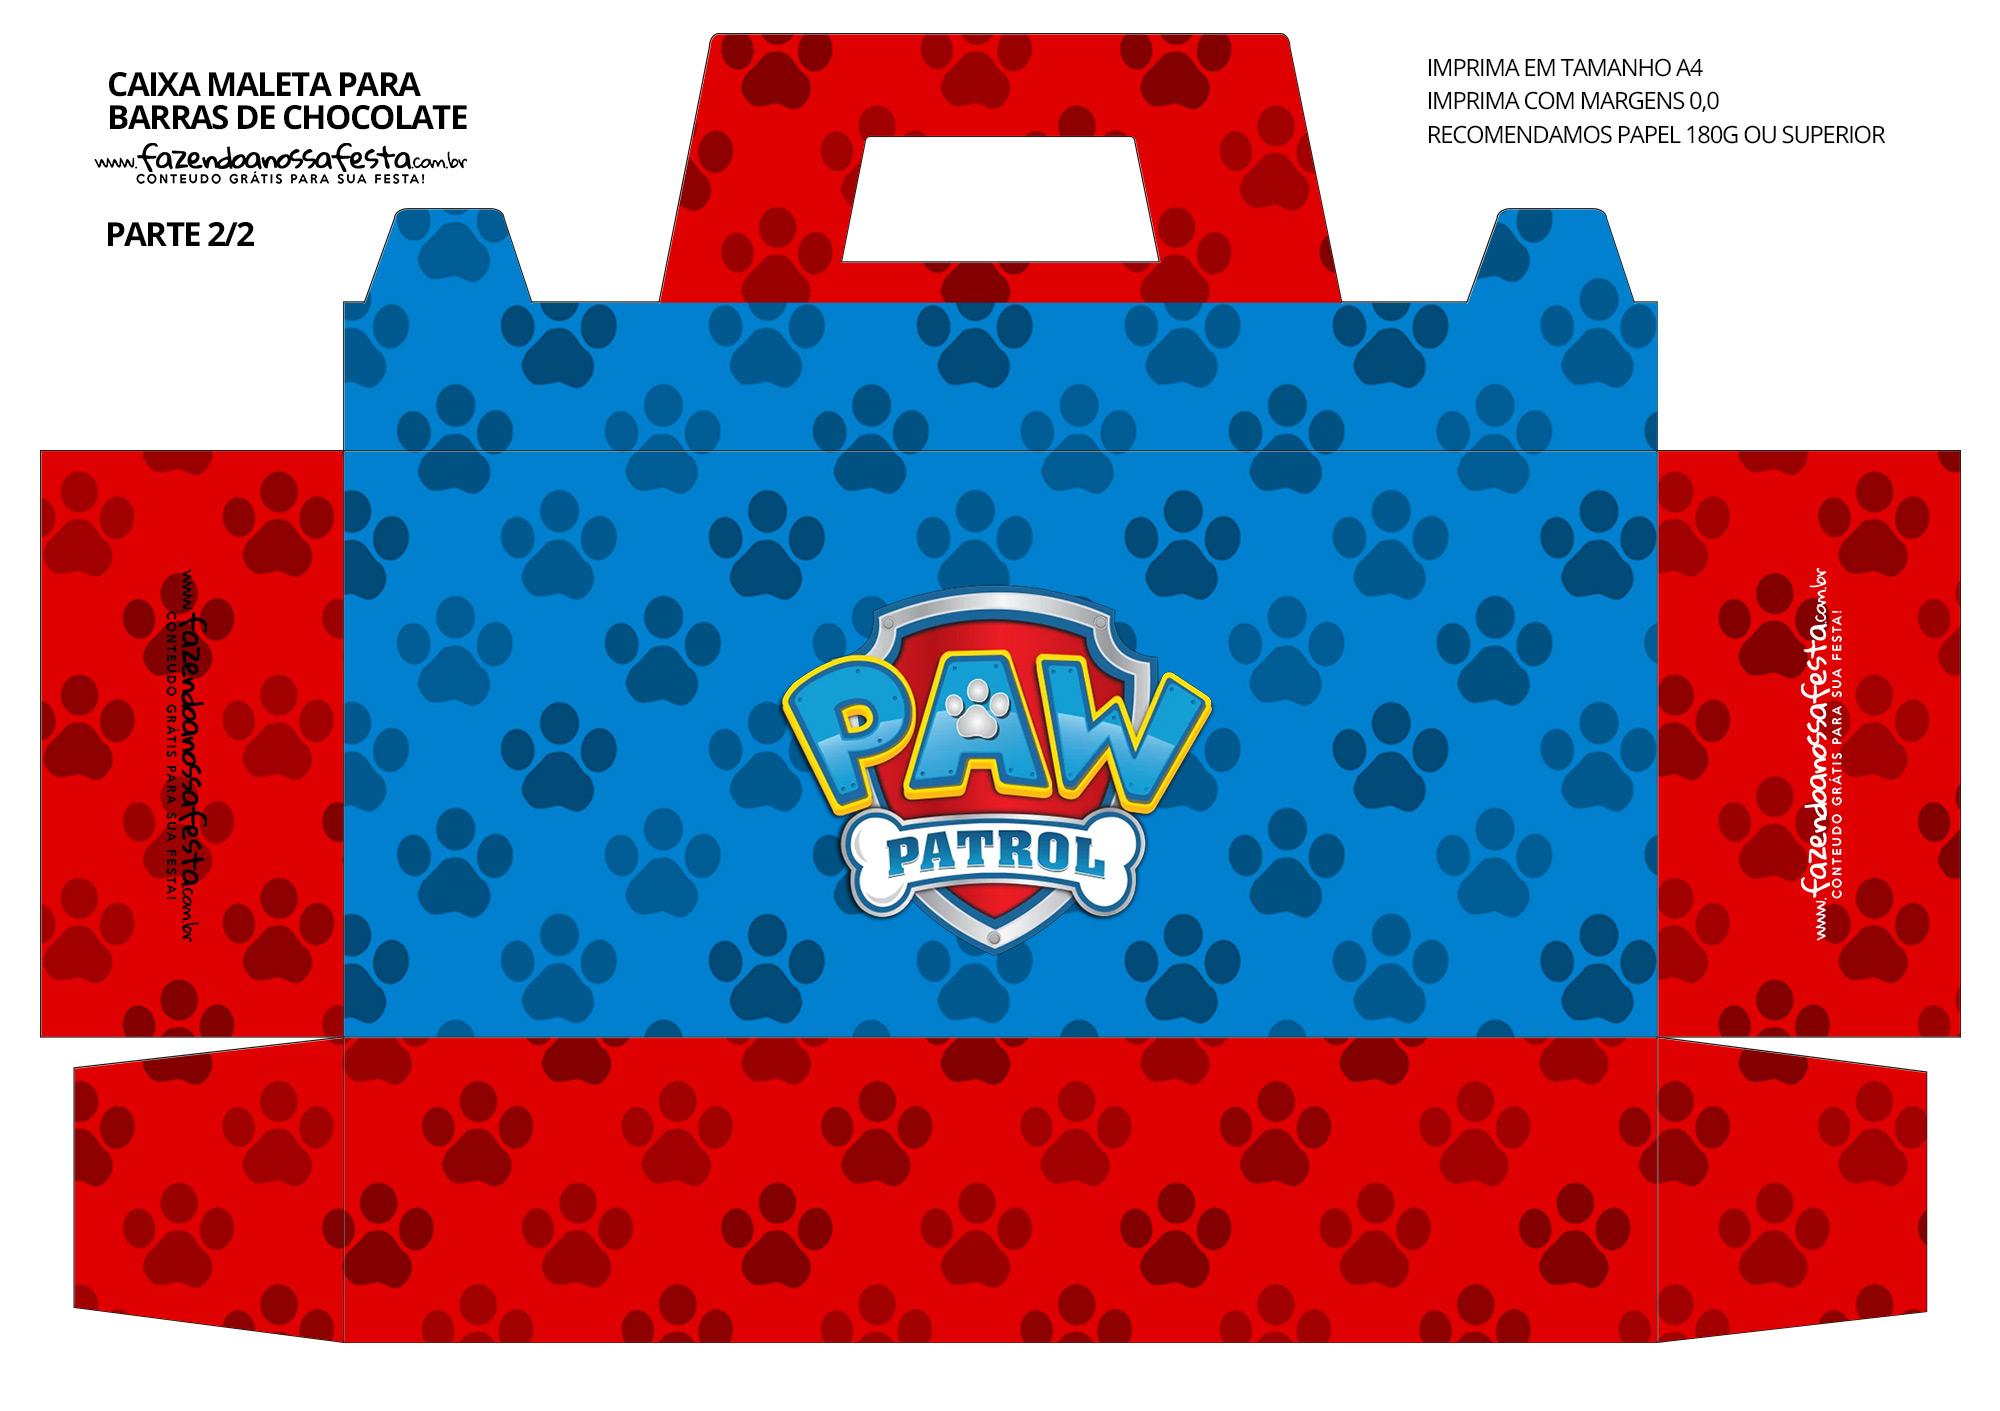 Caixa Maleta para Pascoa Patrulha Canina 2 02